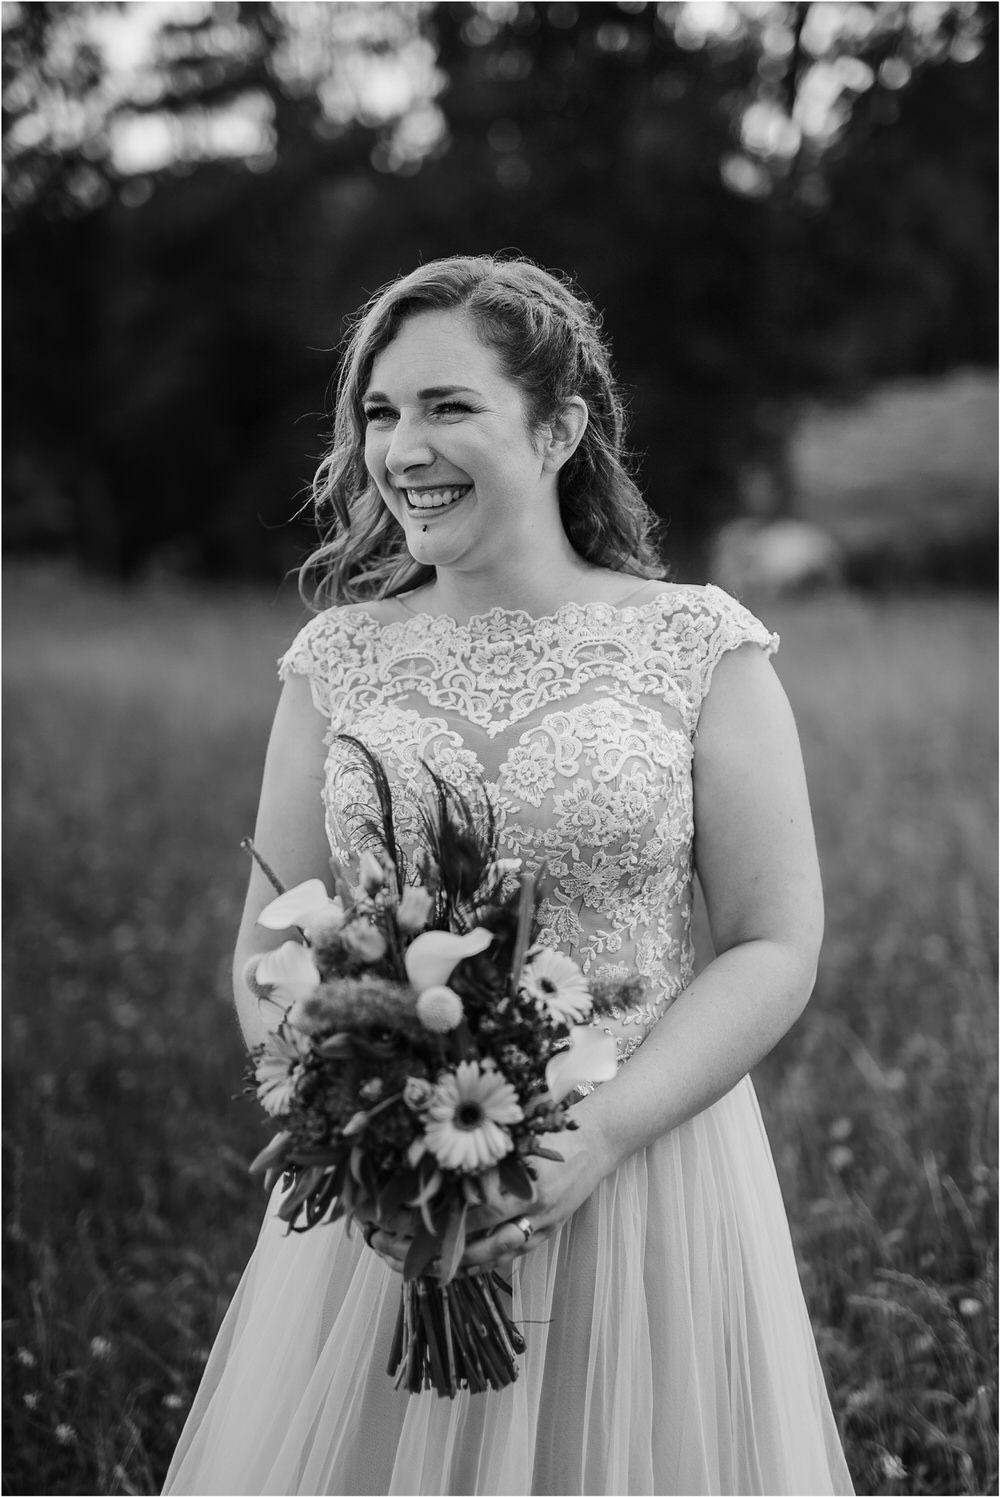 goriska brda poroka fotgorafija fotograf fotografiranje porocno kras primorska obala romanticna boho poroka rustikalna nika grega 0040.jpg